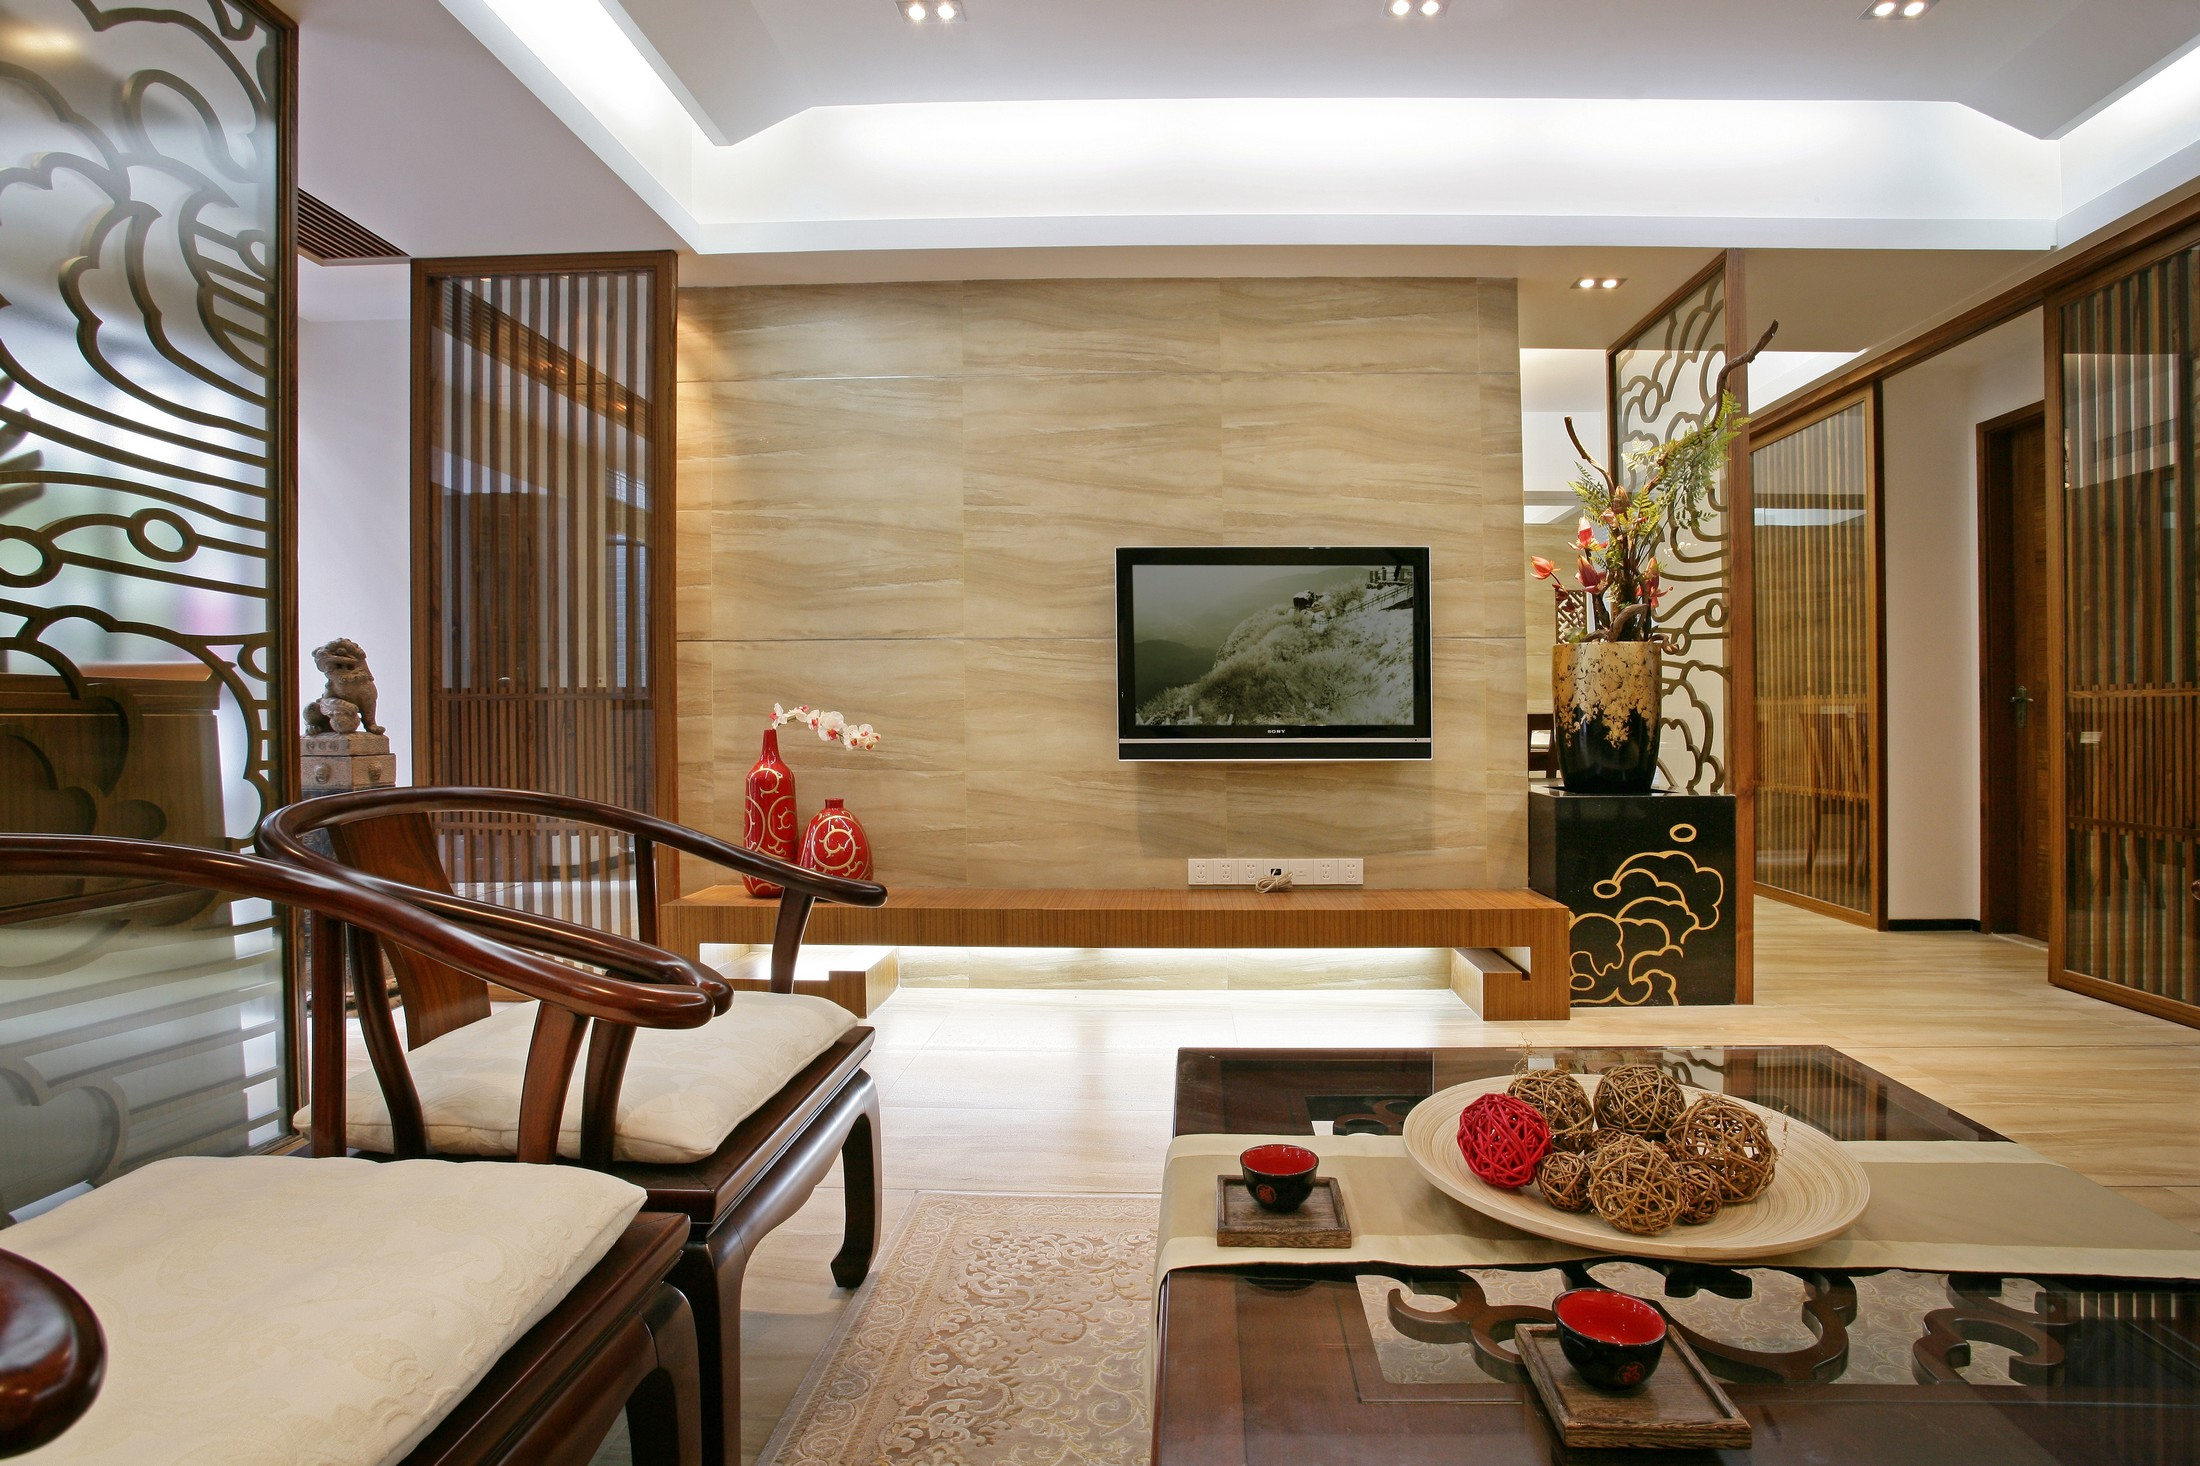 三居室中式风格电视背景墙装修效果图